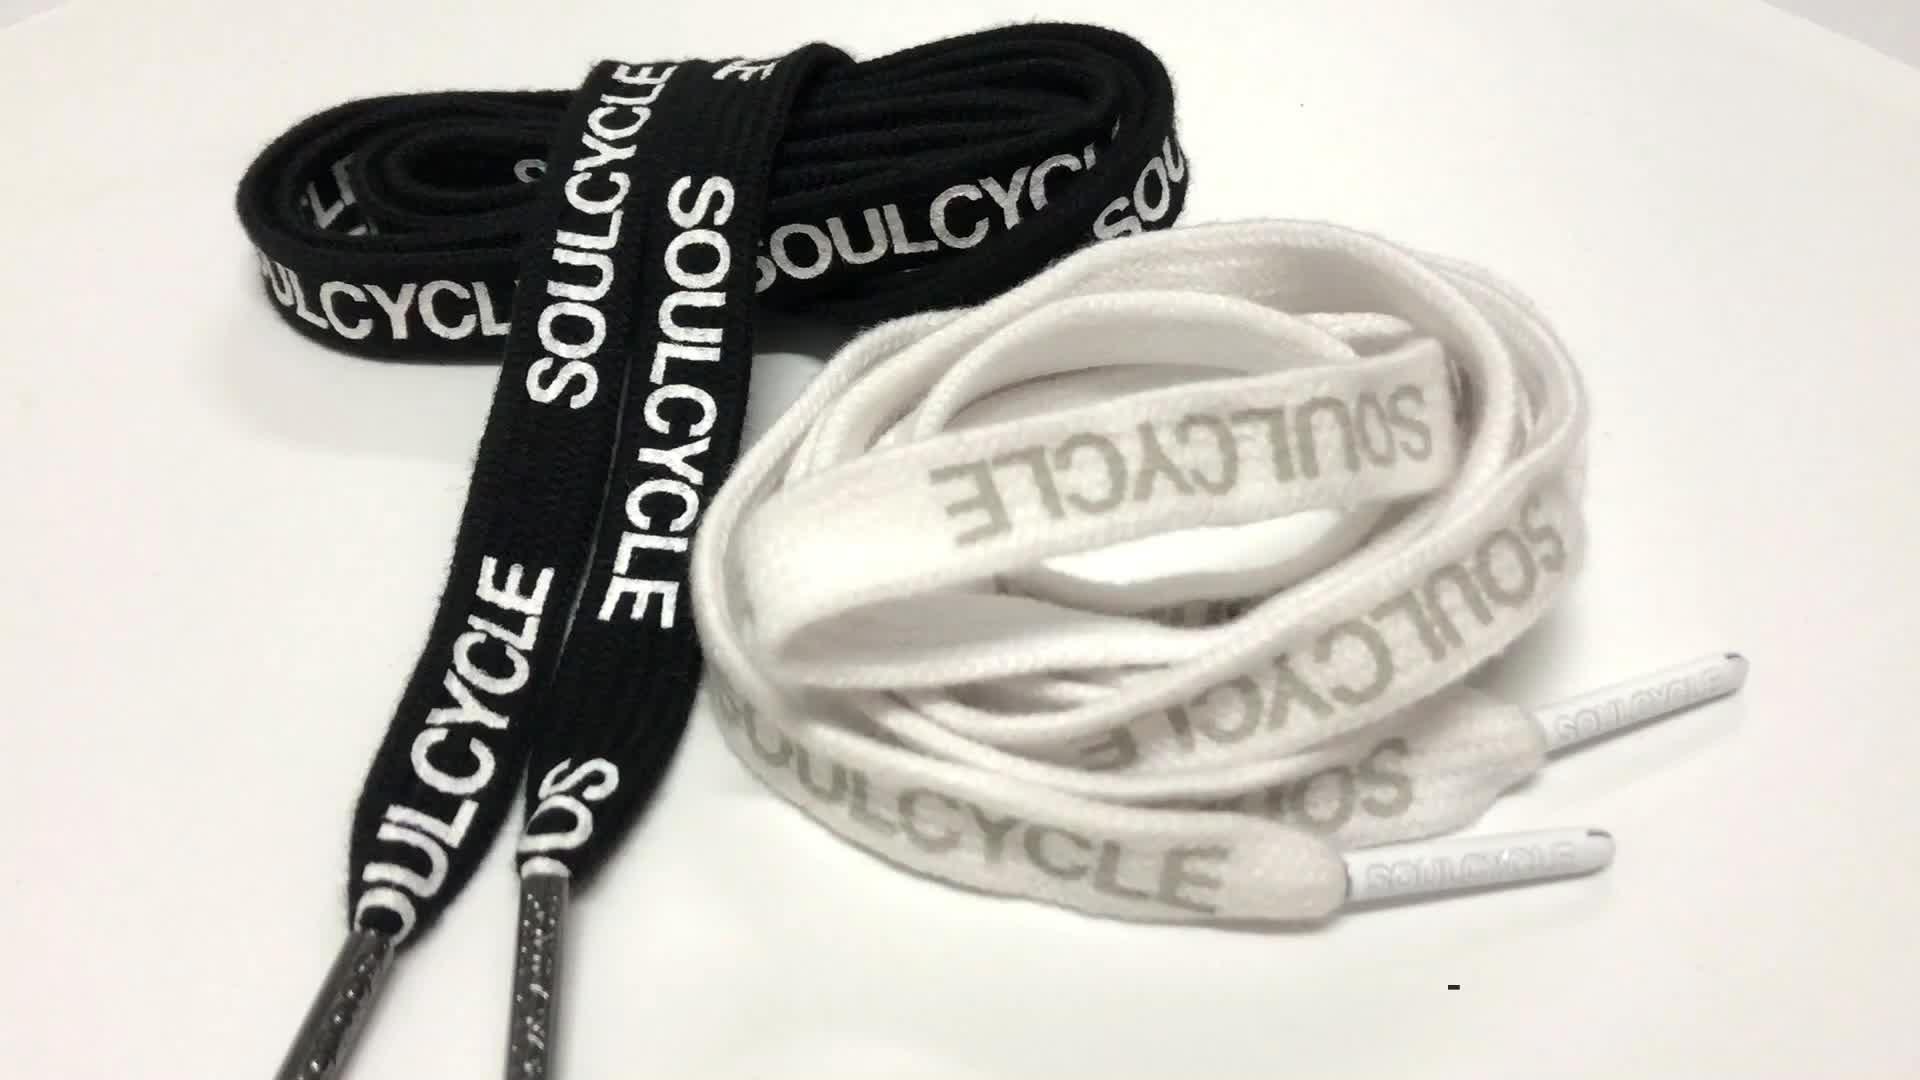 De cordones de algodón con Metal Aglets cordones de zapatos estampada poliéster cordones negro Cordón de cable para sudaderas con capucha